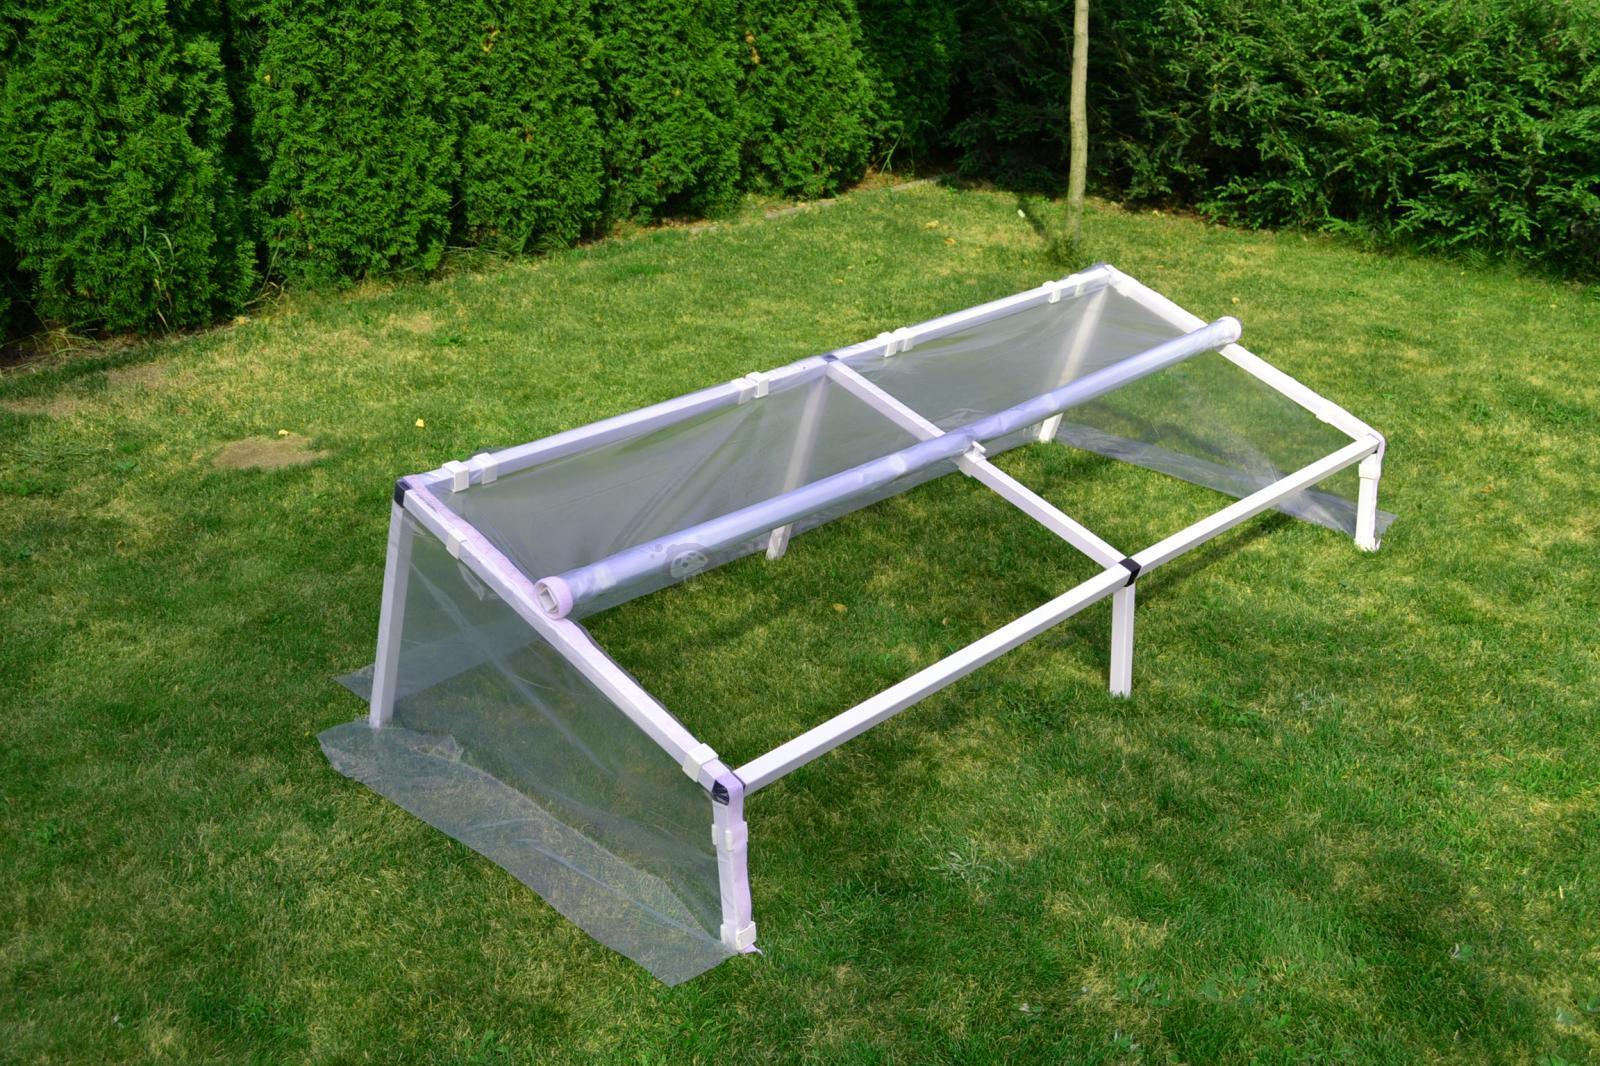 Rozsadnik – inspekt warzywny 1x3 m - wnętrze